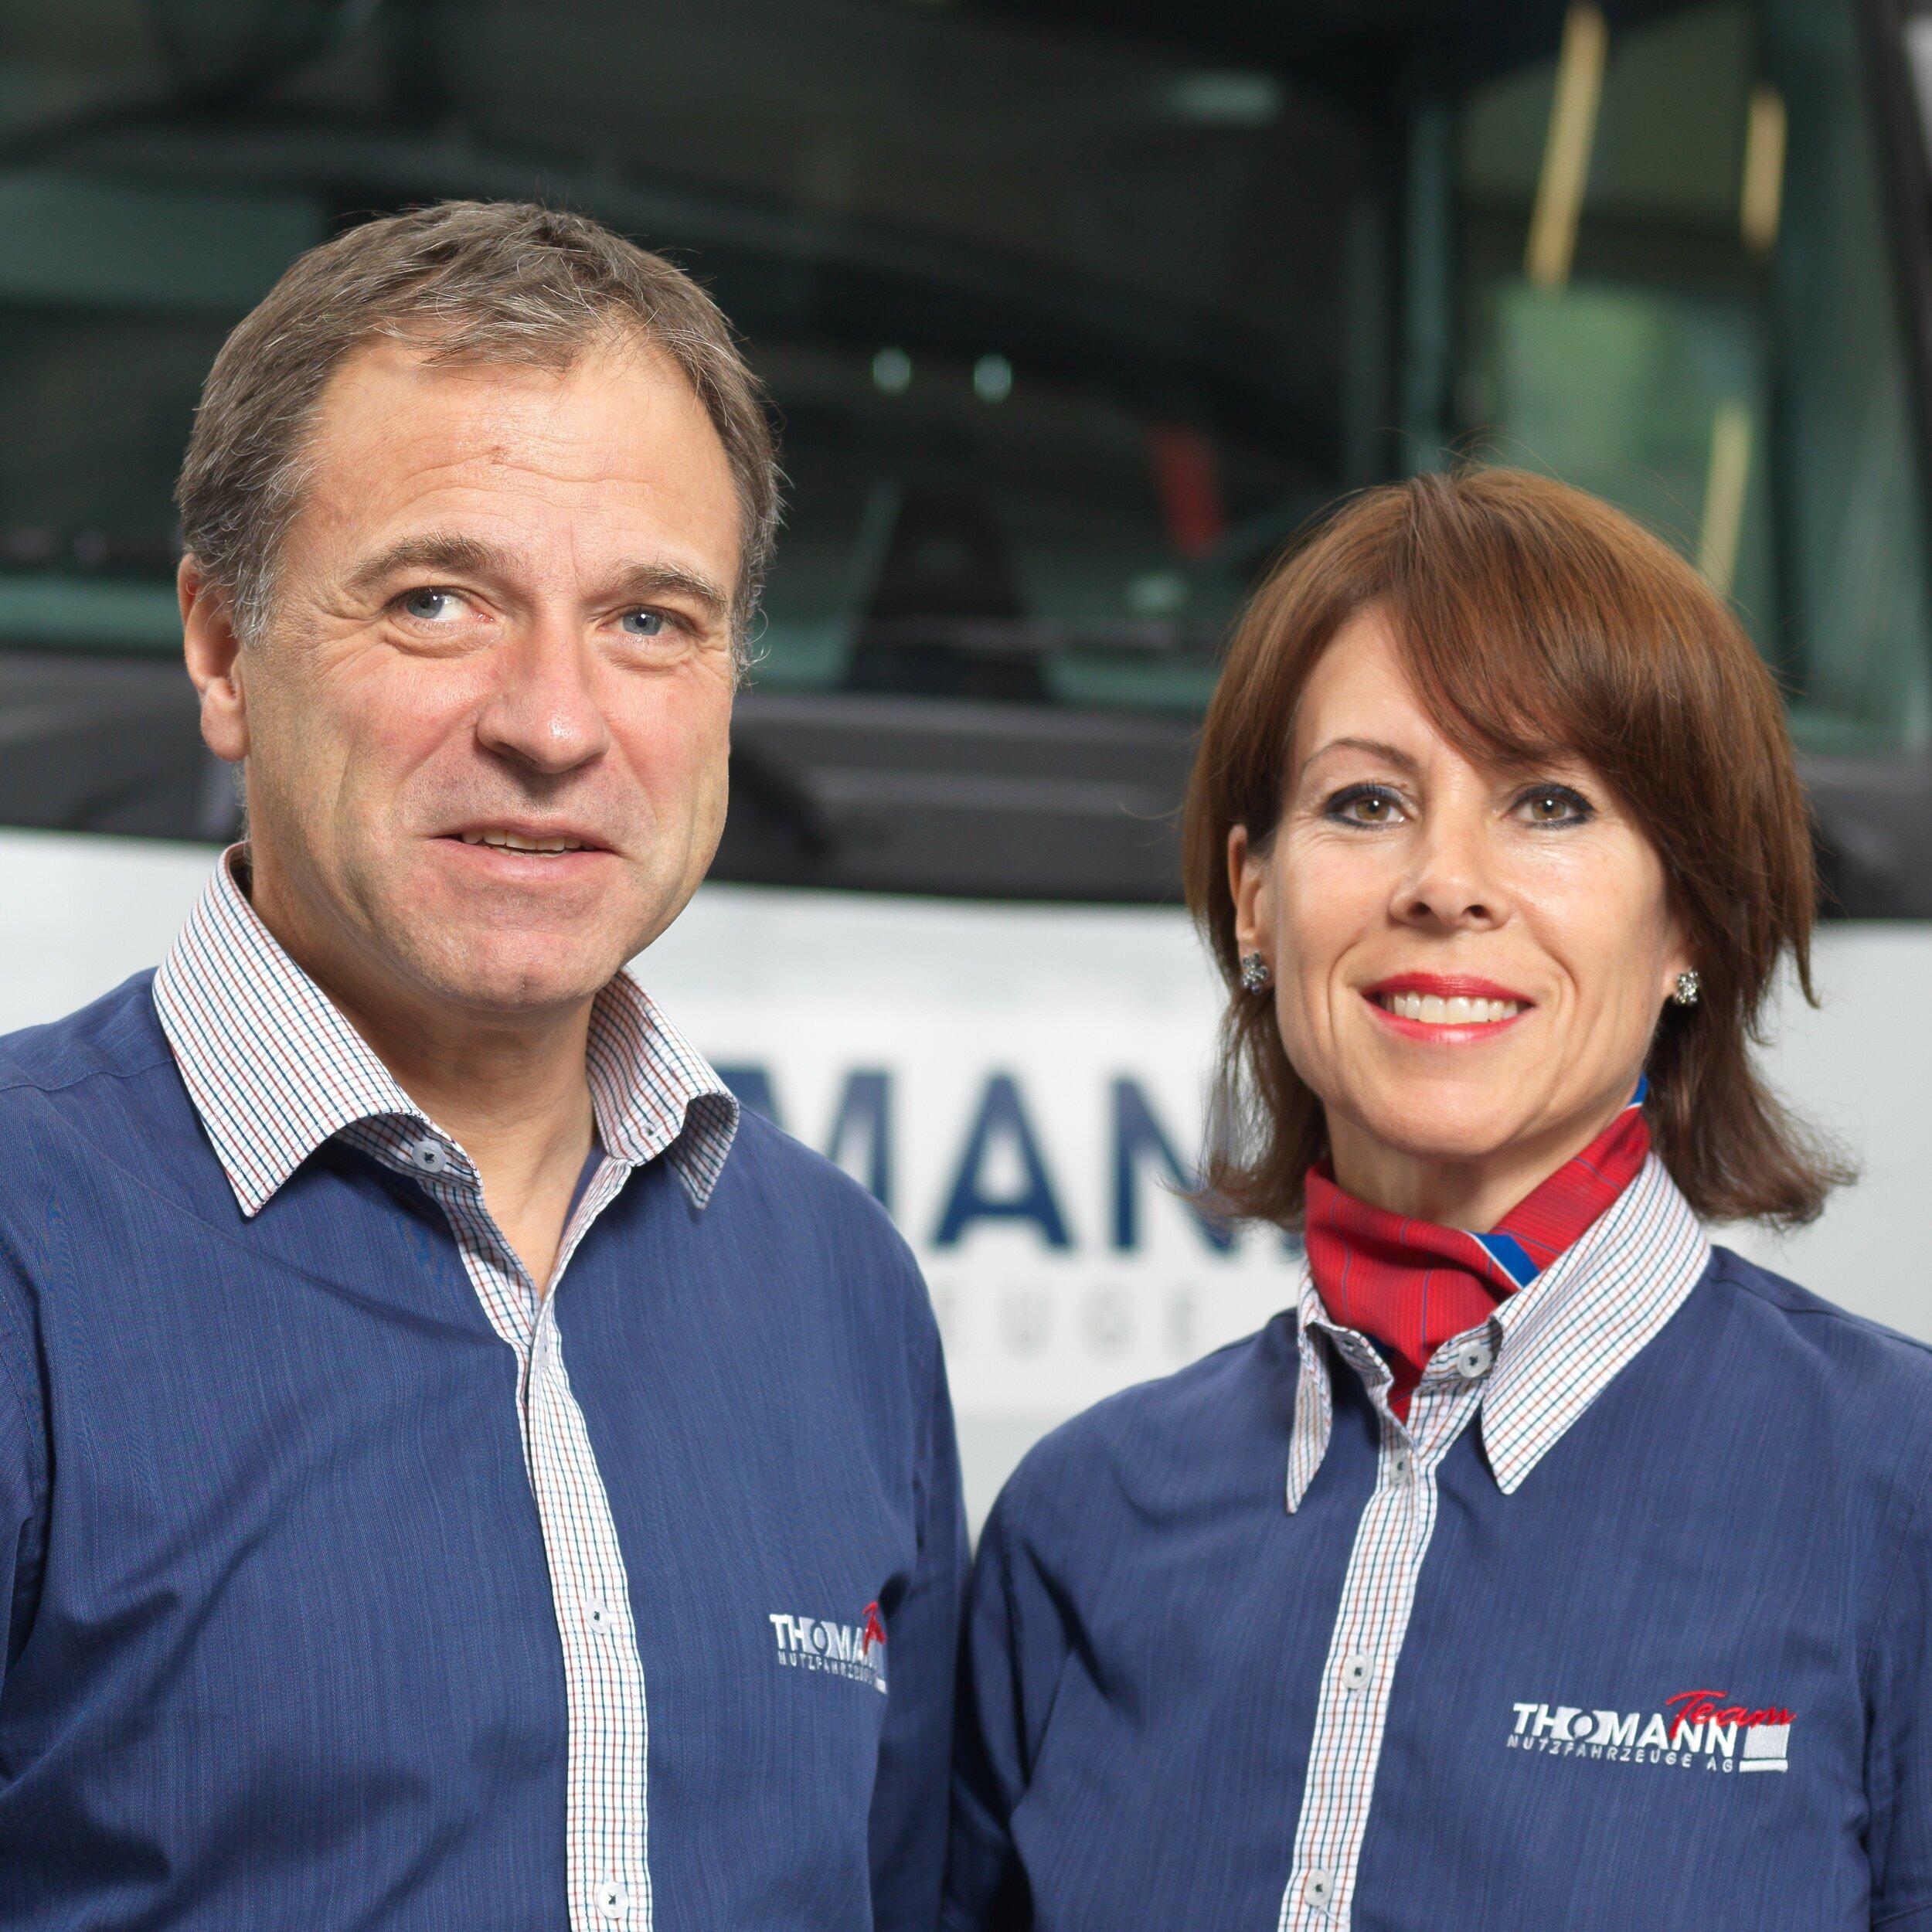 """Luzi und Beatrix Thomann sind Inhaber sowie CEO bzw. Personalverantwortliche der Thomann Nutzfahrzeuge AG, dem marktführenden Nutzfahrzeugdienstleister der Ost- und Südostschweiz. Aus einem Betrieb mit 6 Beschäftigten 1995 haben die beiden das heutige Unternehmen mit 5 Betrieben und rund 200 Beschäftigten (davon 40 Lernende) geformt. Erfolgstreiber sind permanente Innovationen, verbunden mit Kundenorientierung, Macherqualitäten und einer wertschätzenden Grundhaltung. Entsprechend gilt die Thomann Nutzfahrzeuge AG als Trendsetter der Branche. Dem Berufsnachwuchs hat das Unternehmerpaar stets grösste Aufmerksamkeit geschenkt. Ihre Firma hat ein eigenes Lernenden-Leitbild und ist als """"TOP-Ausbildungsbetrieb"""" zertifiziert."""